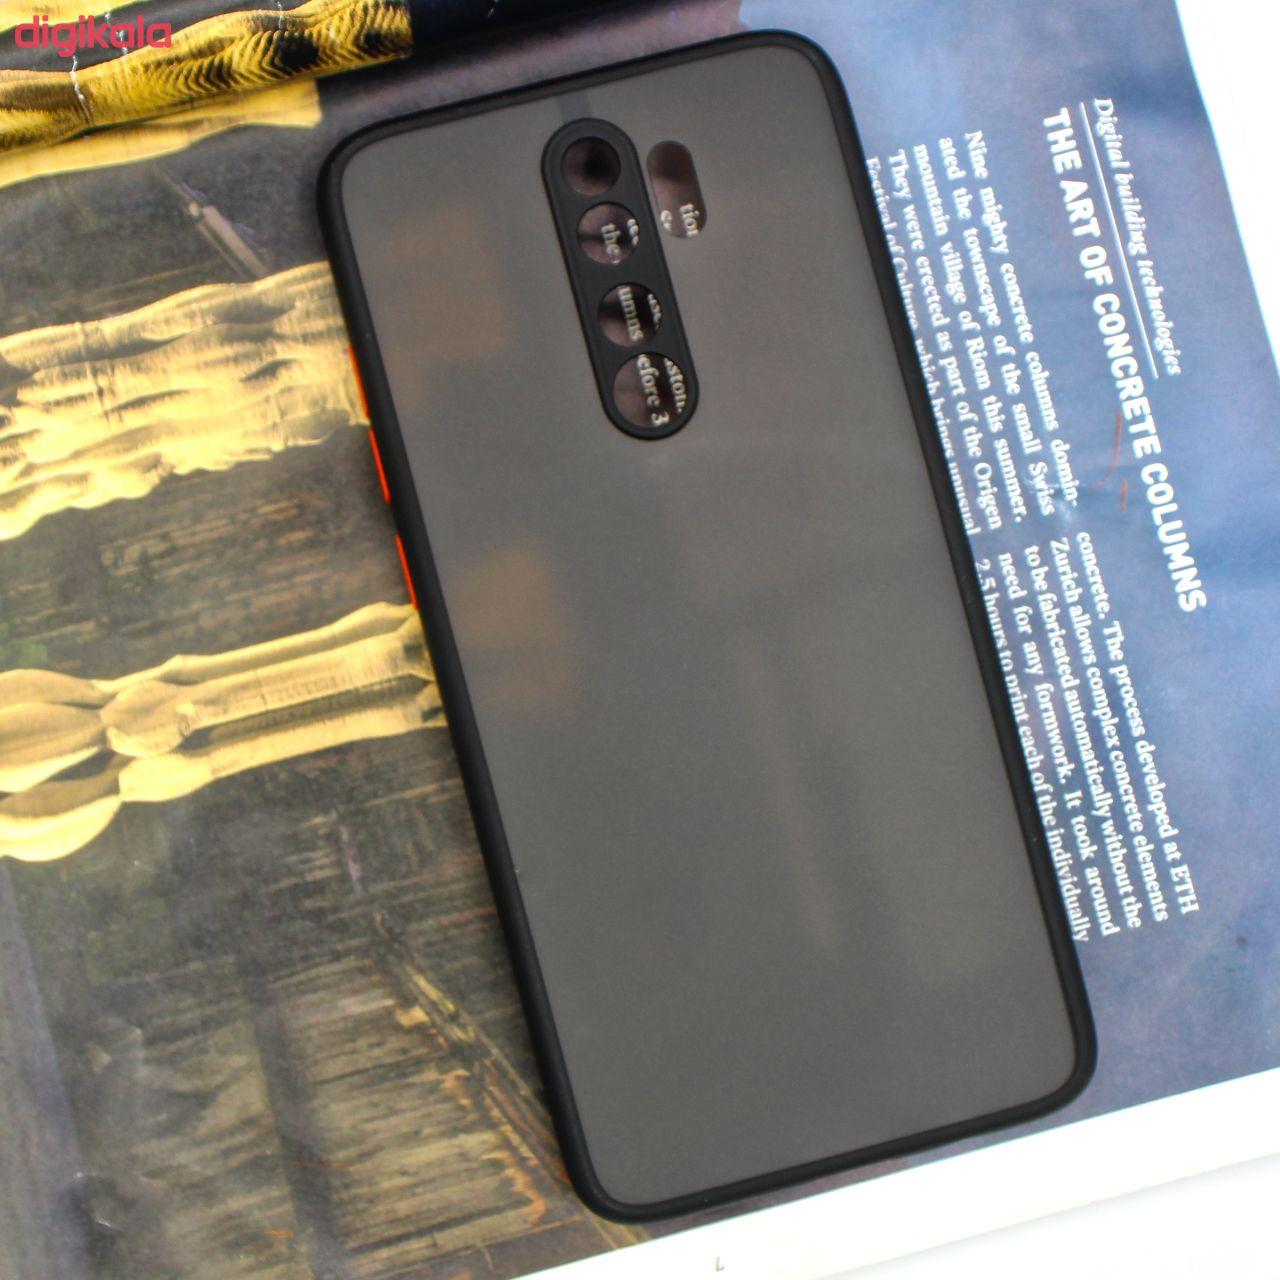 کاور کینگ پاور مدل M22 مناسب برای گوشی موبایل شیائومی Redmi Note 8 Pro main 1 12